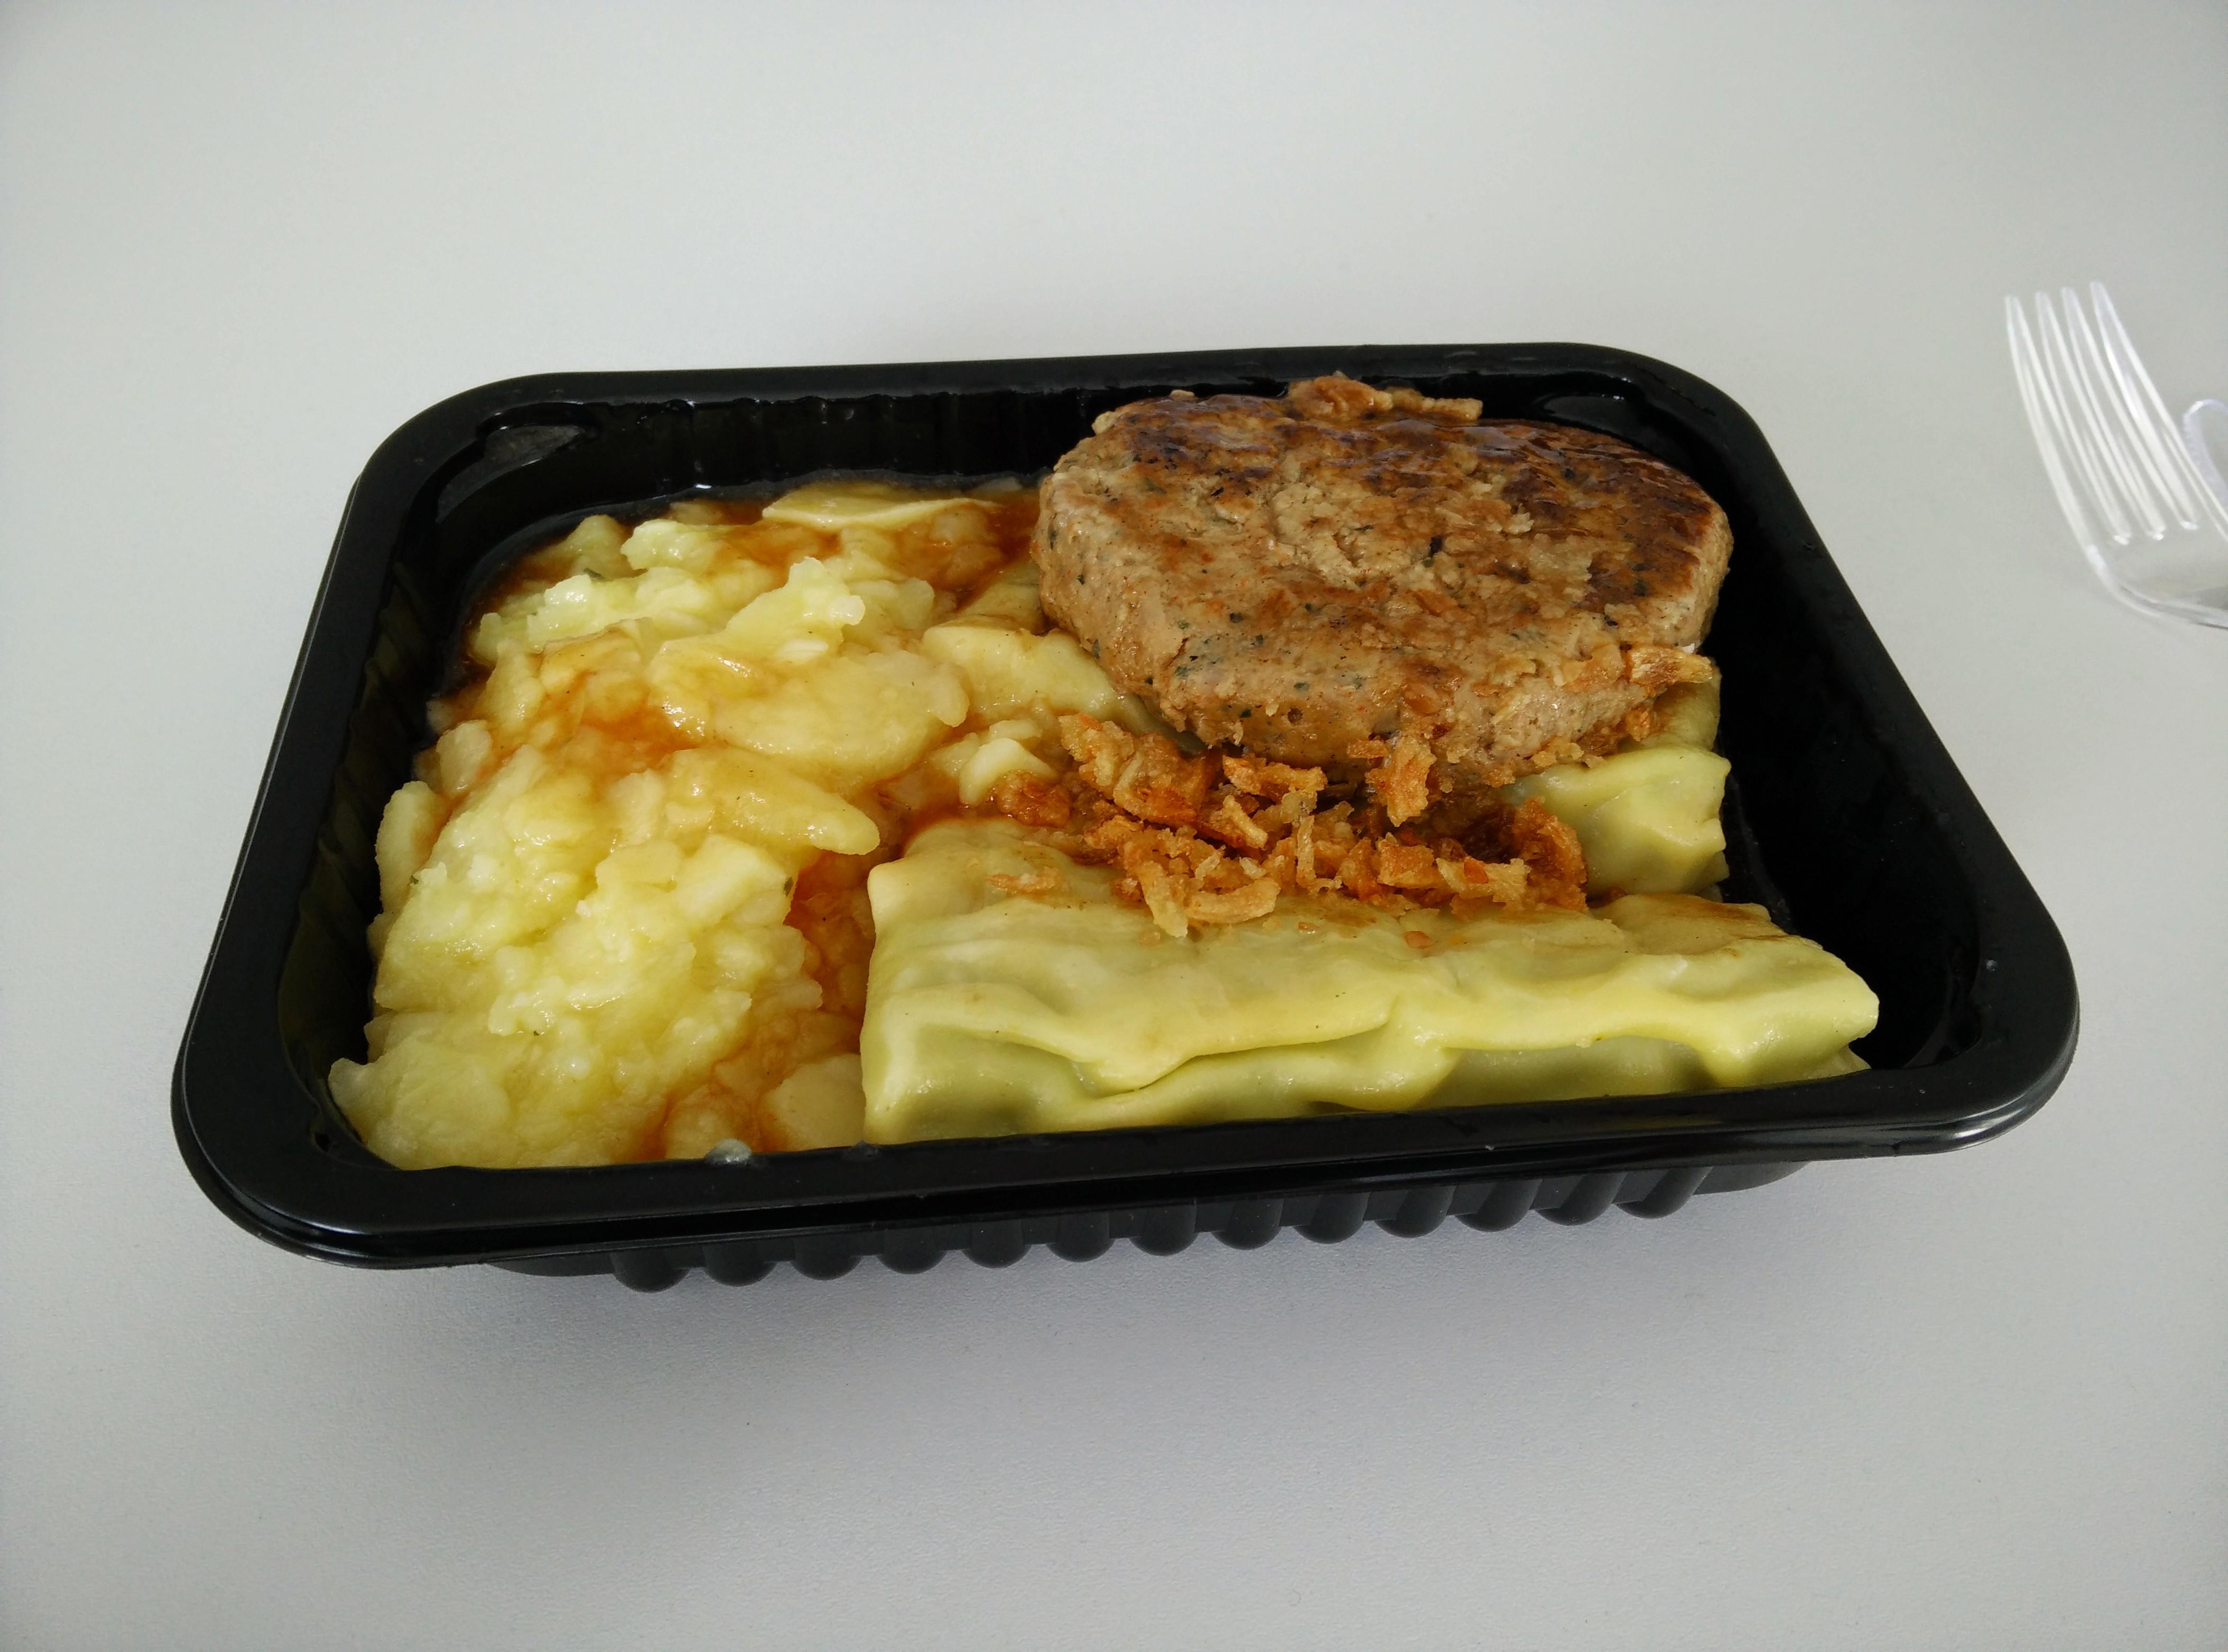 https://foodloader.net/nico_2015-03-11_maultaschen-und-fleischkuechle-mit-kartoffelsalat-und-bratensauce.jpg